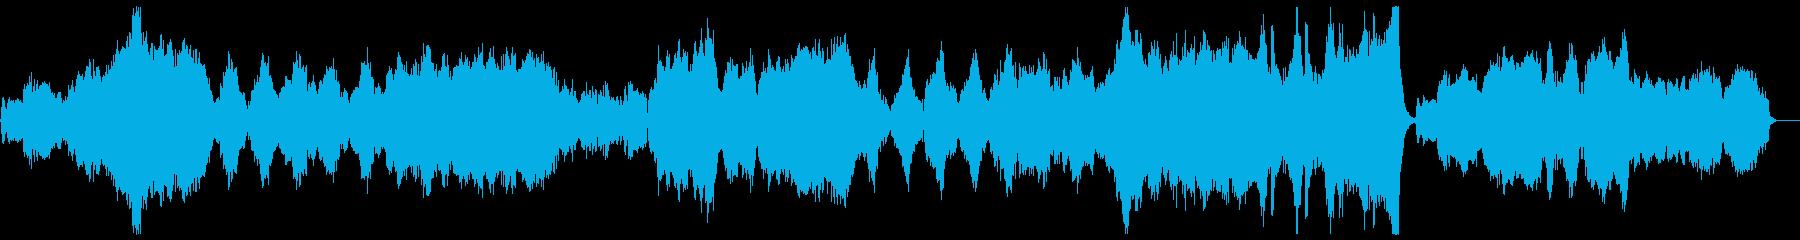 映画音楽風のエピックなオーケストラの再生済みの波形